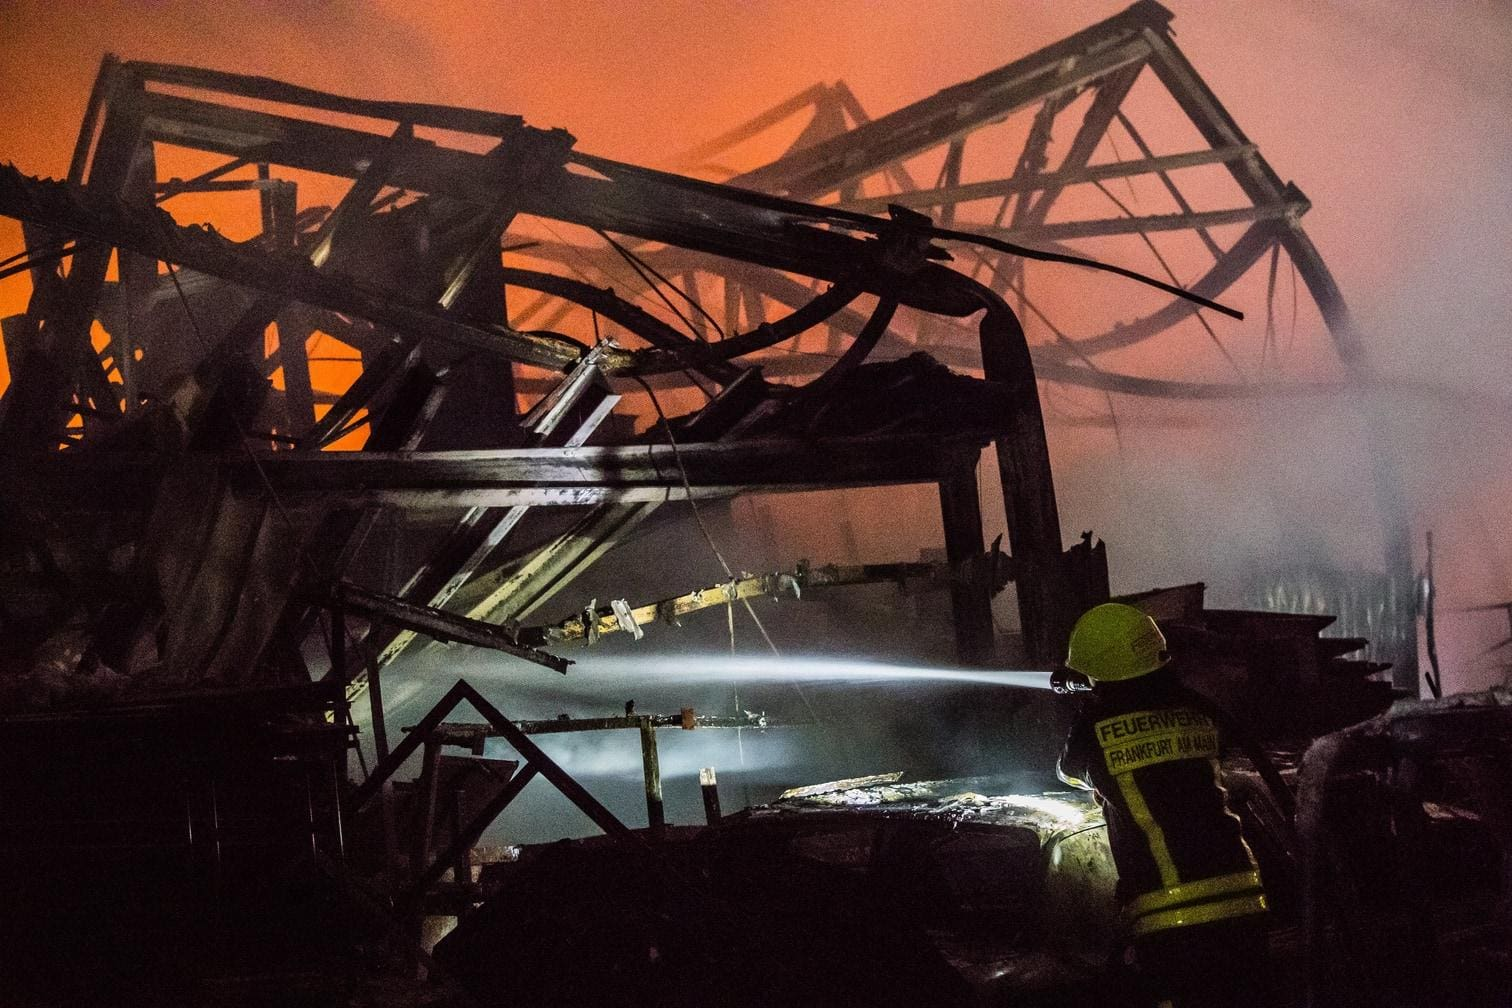 <p>Im Frankfurter Stadtteil Fechenheim brannte in der vergangenen Nacht eine Lagerhalle an der Carl-Benz-Straße fast vollständig nieder. </p> Foto: dpa